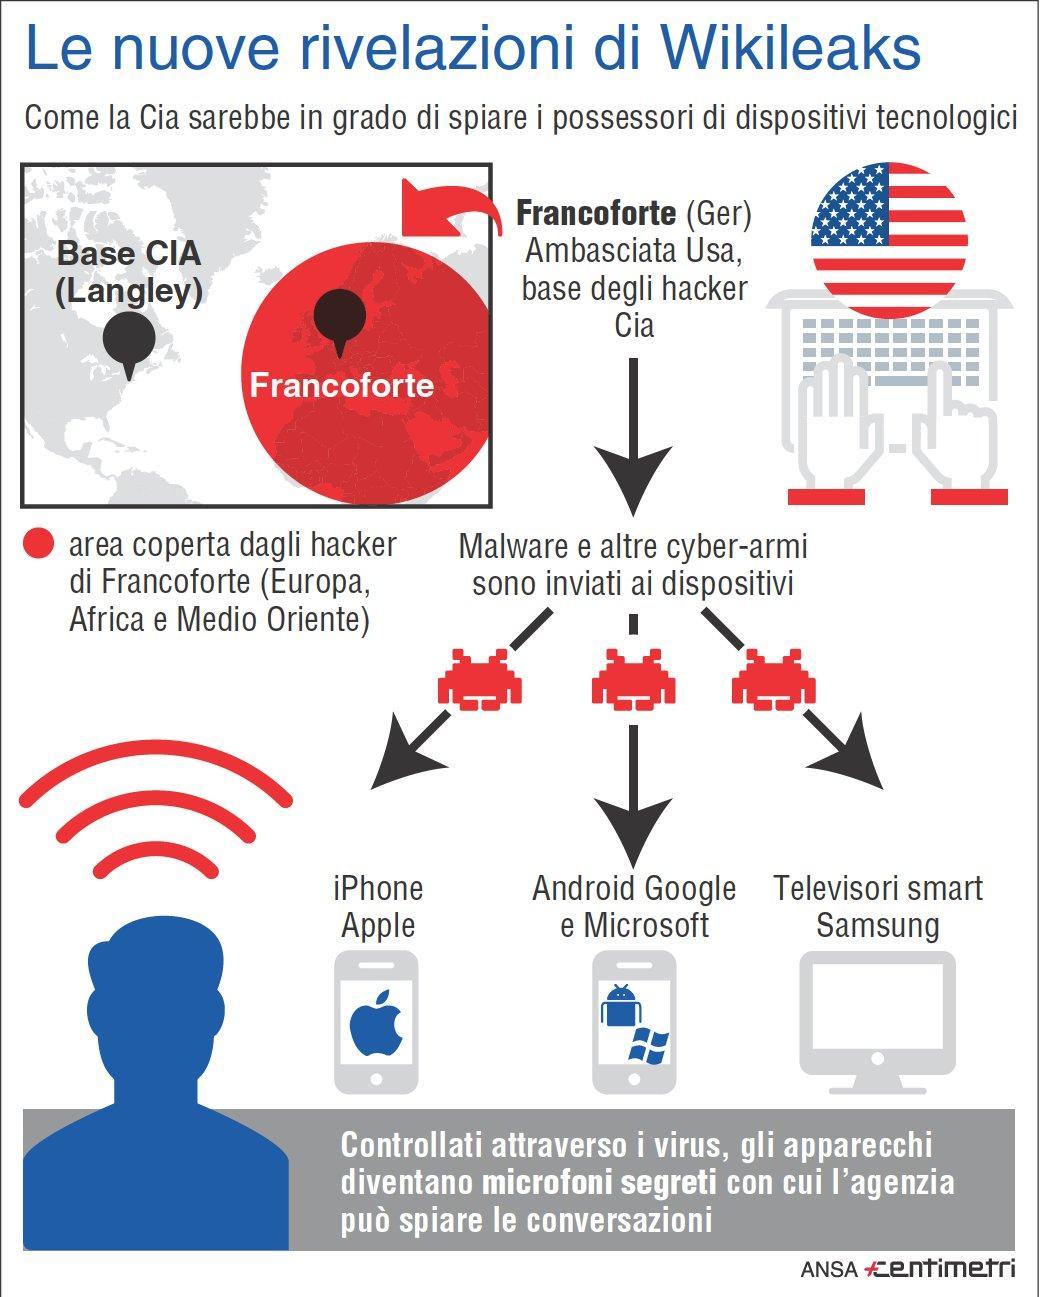 Tutti spiati dalla Cia, le nuove rivelazioni di Wikileaks